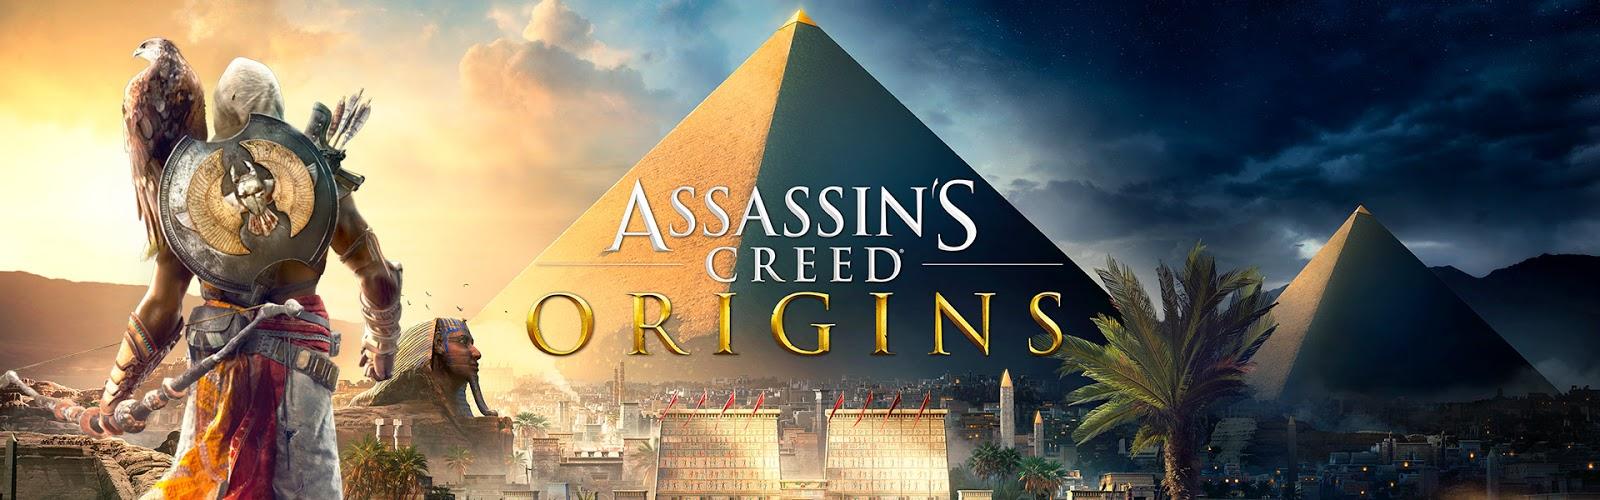 Assassin's Creed Origins vuelve a sorprender para la Gamescom con un nuevo tráiler